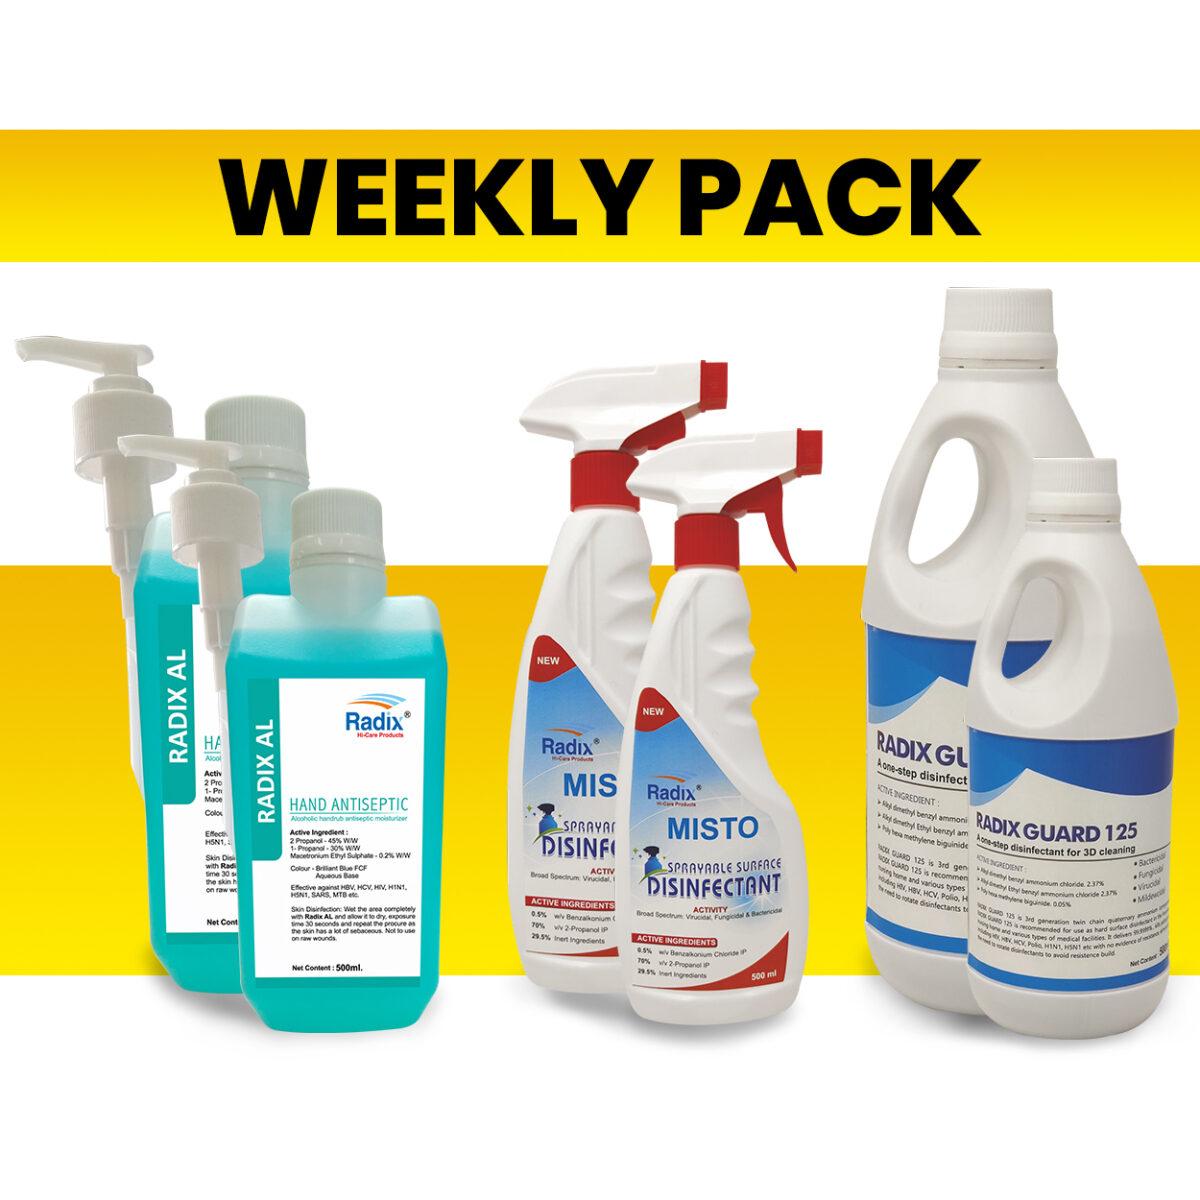 Weekly Pack